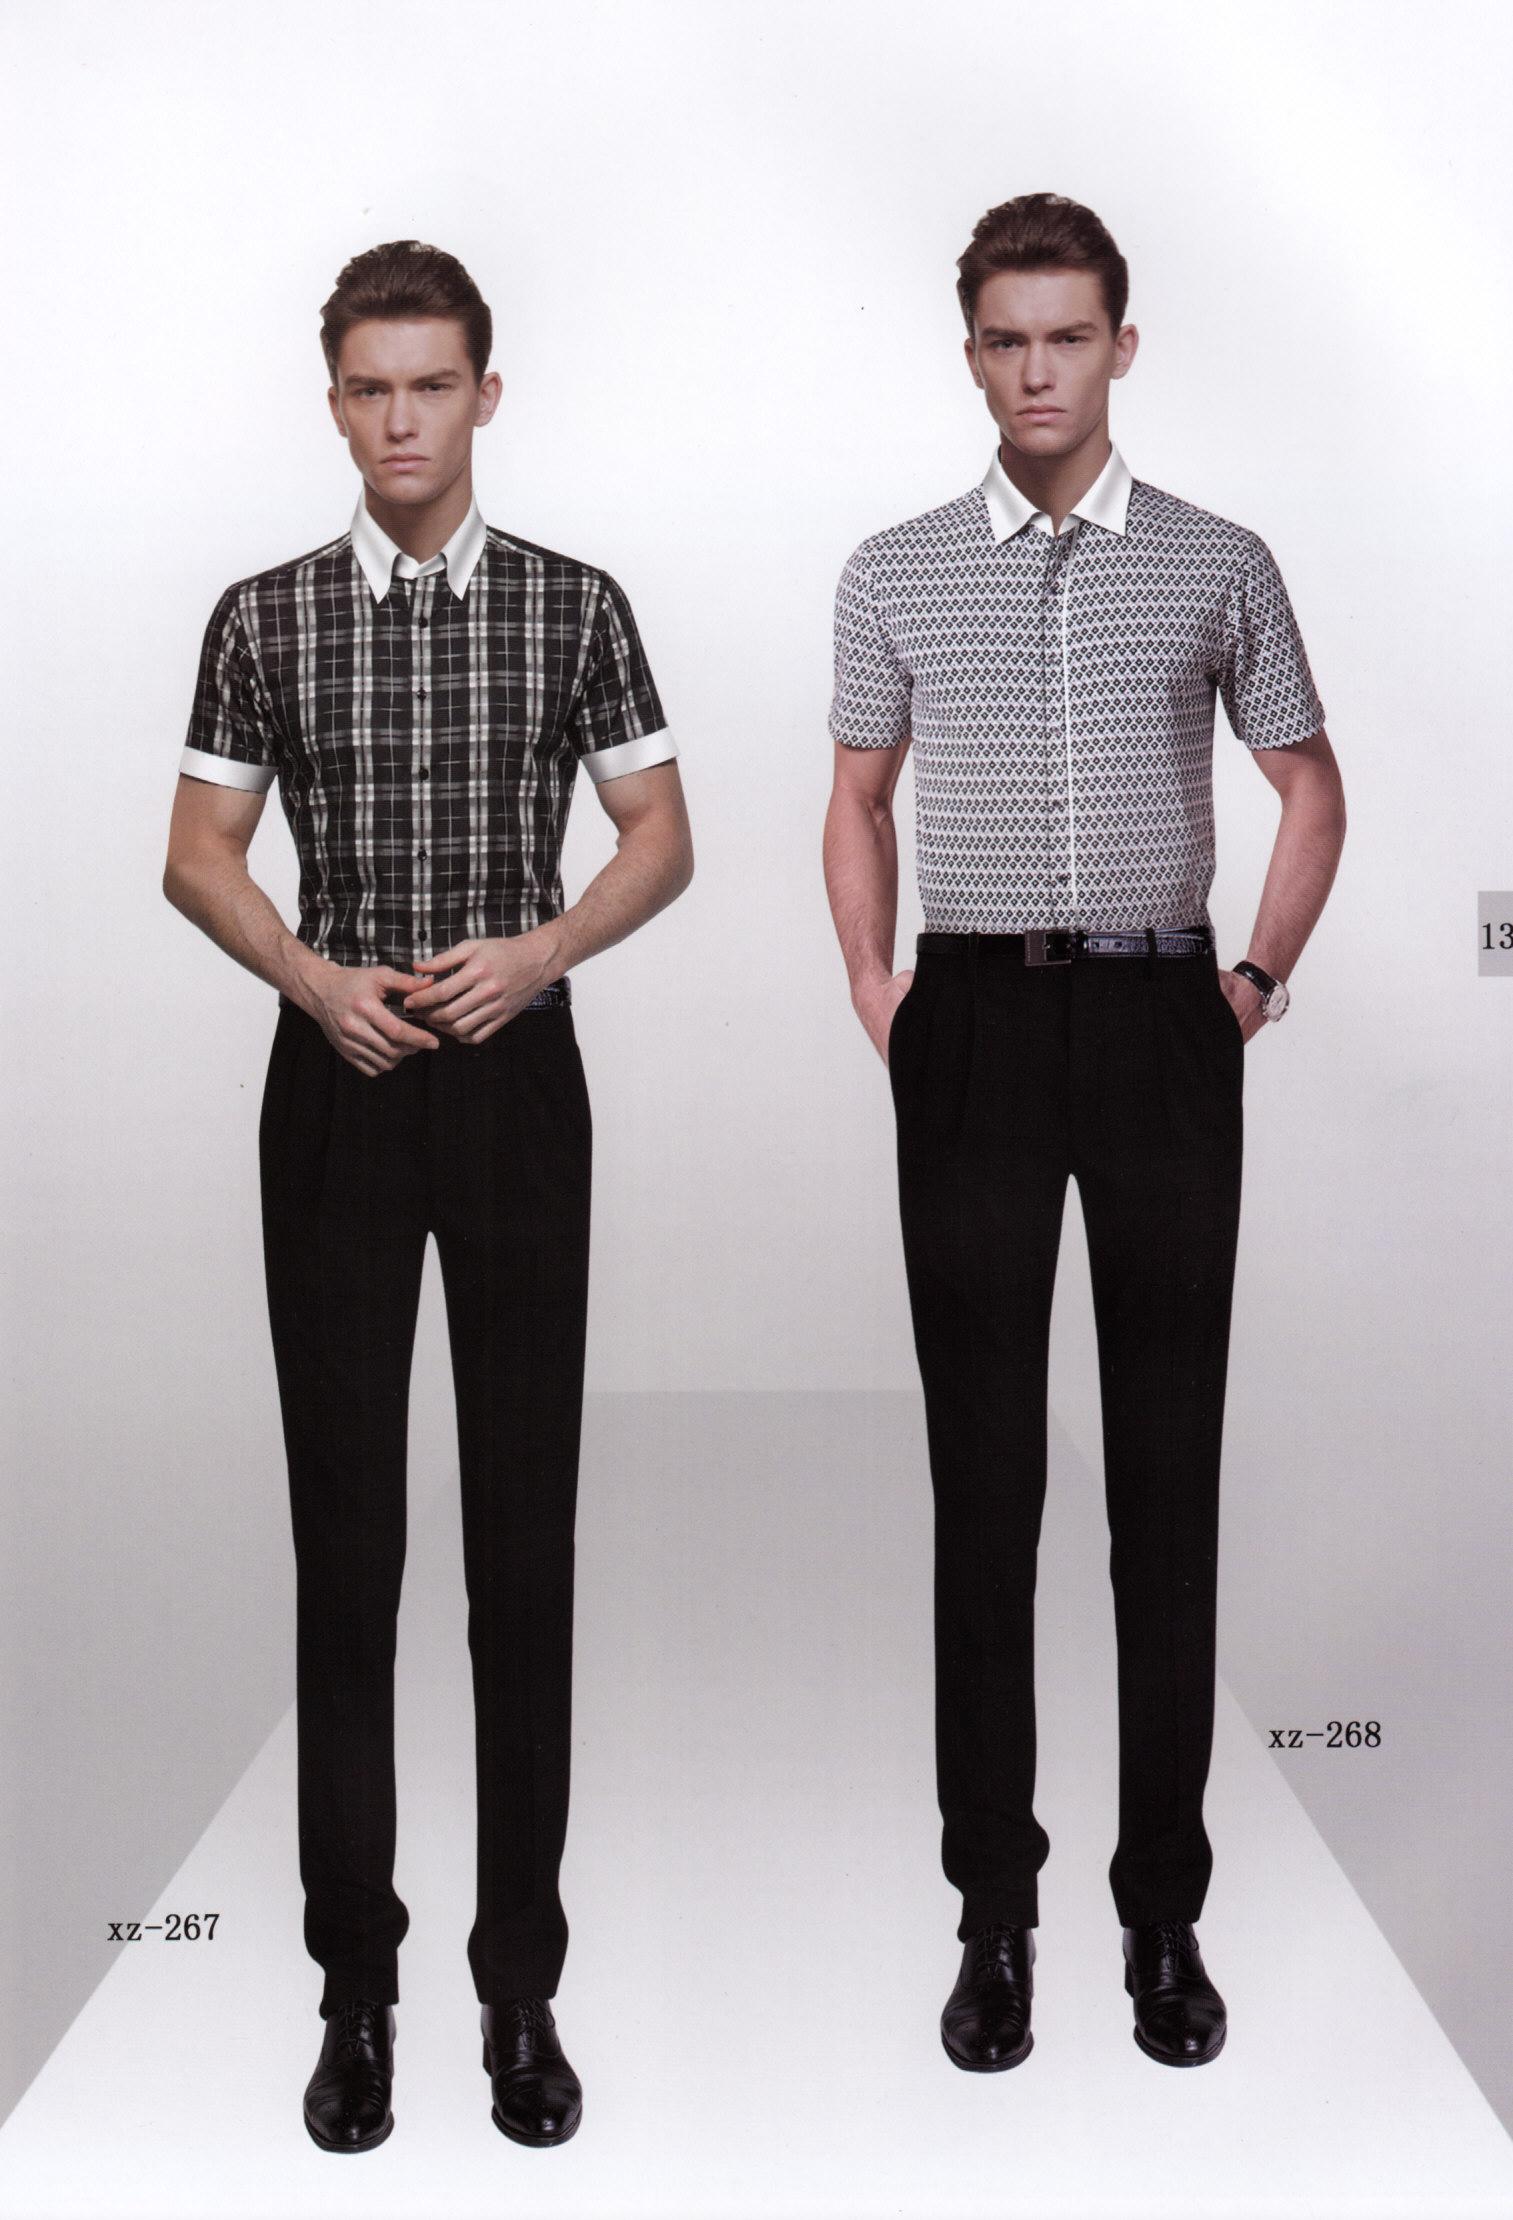 自贡衬衣|衬衫定制|自贡西服|西装定制推荐奕臣服饰